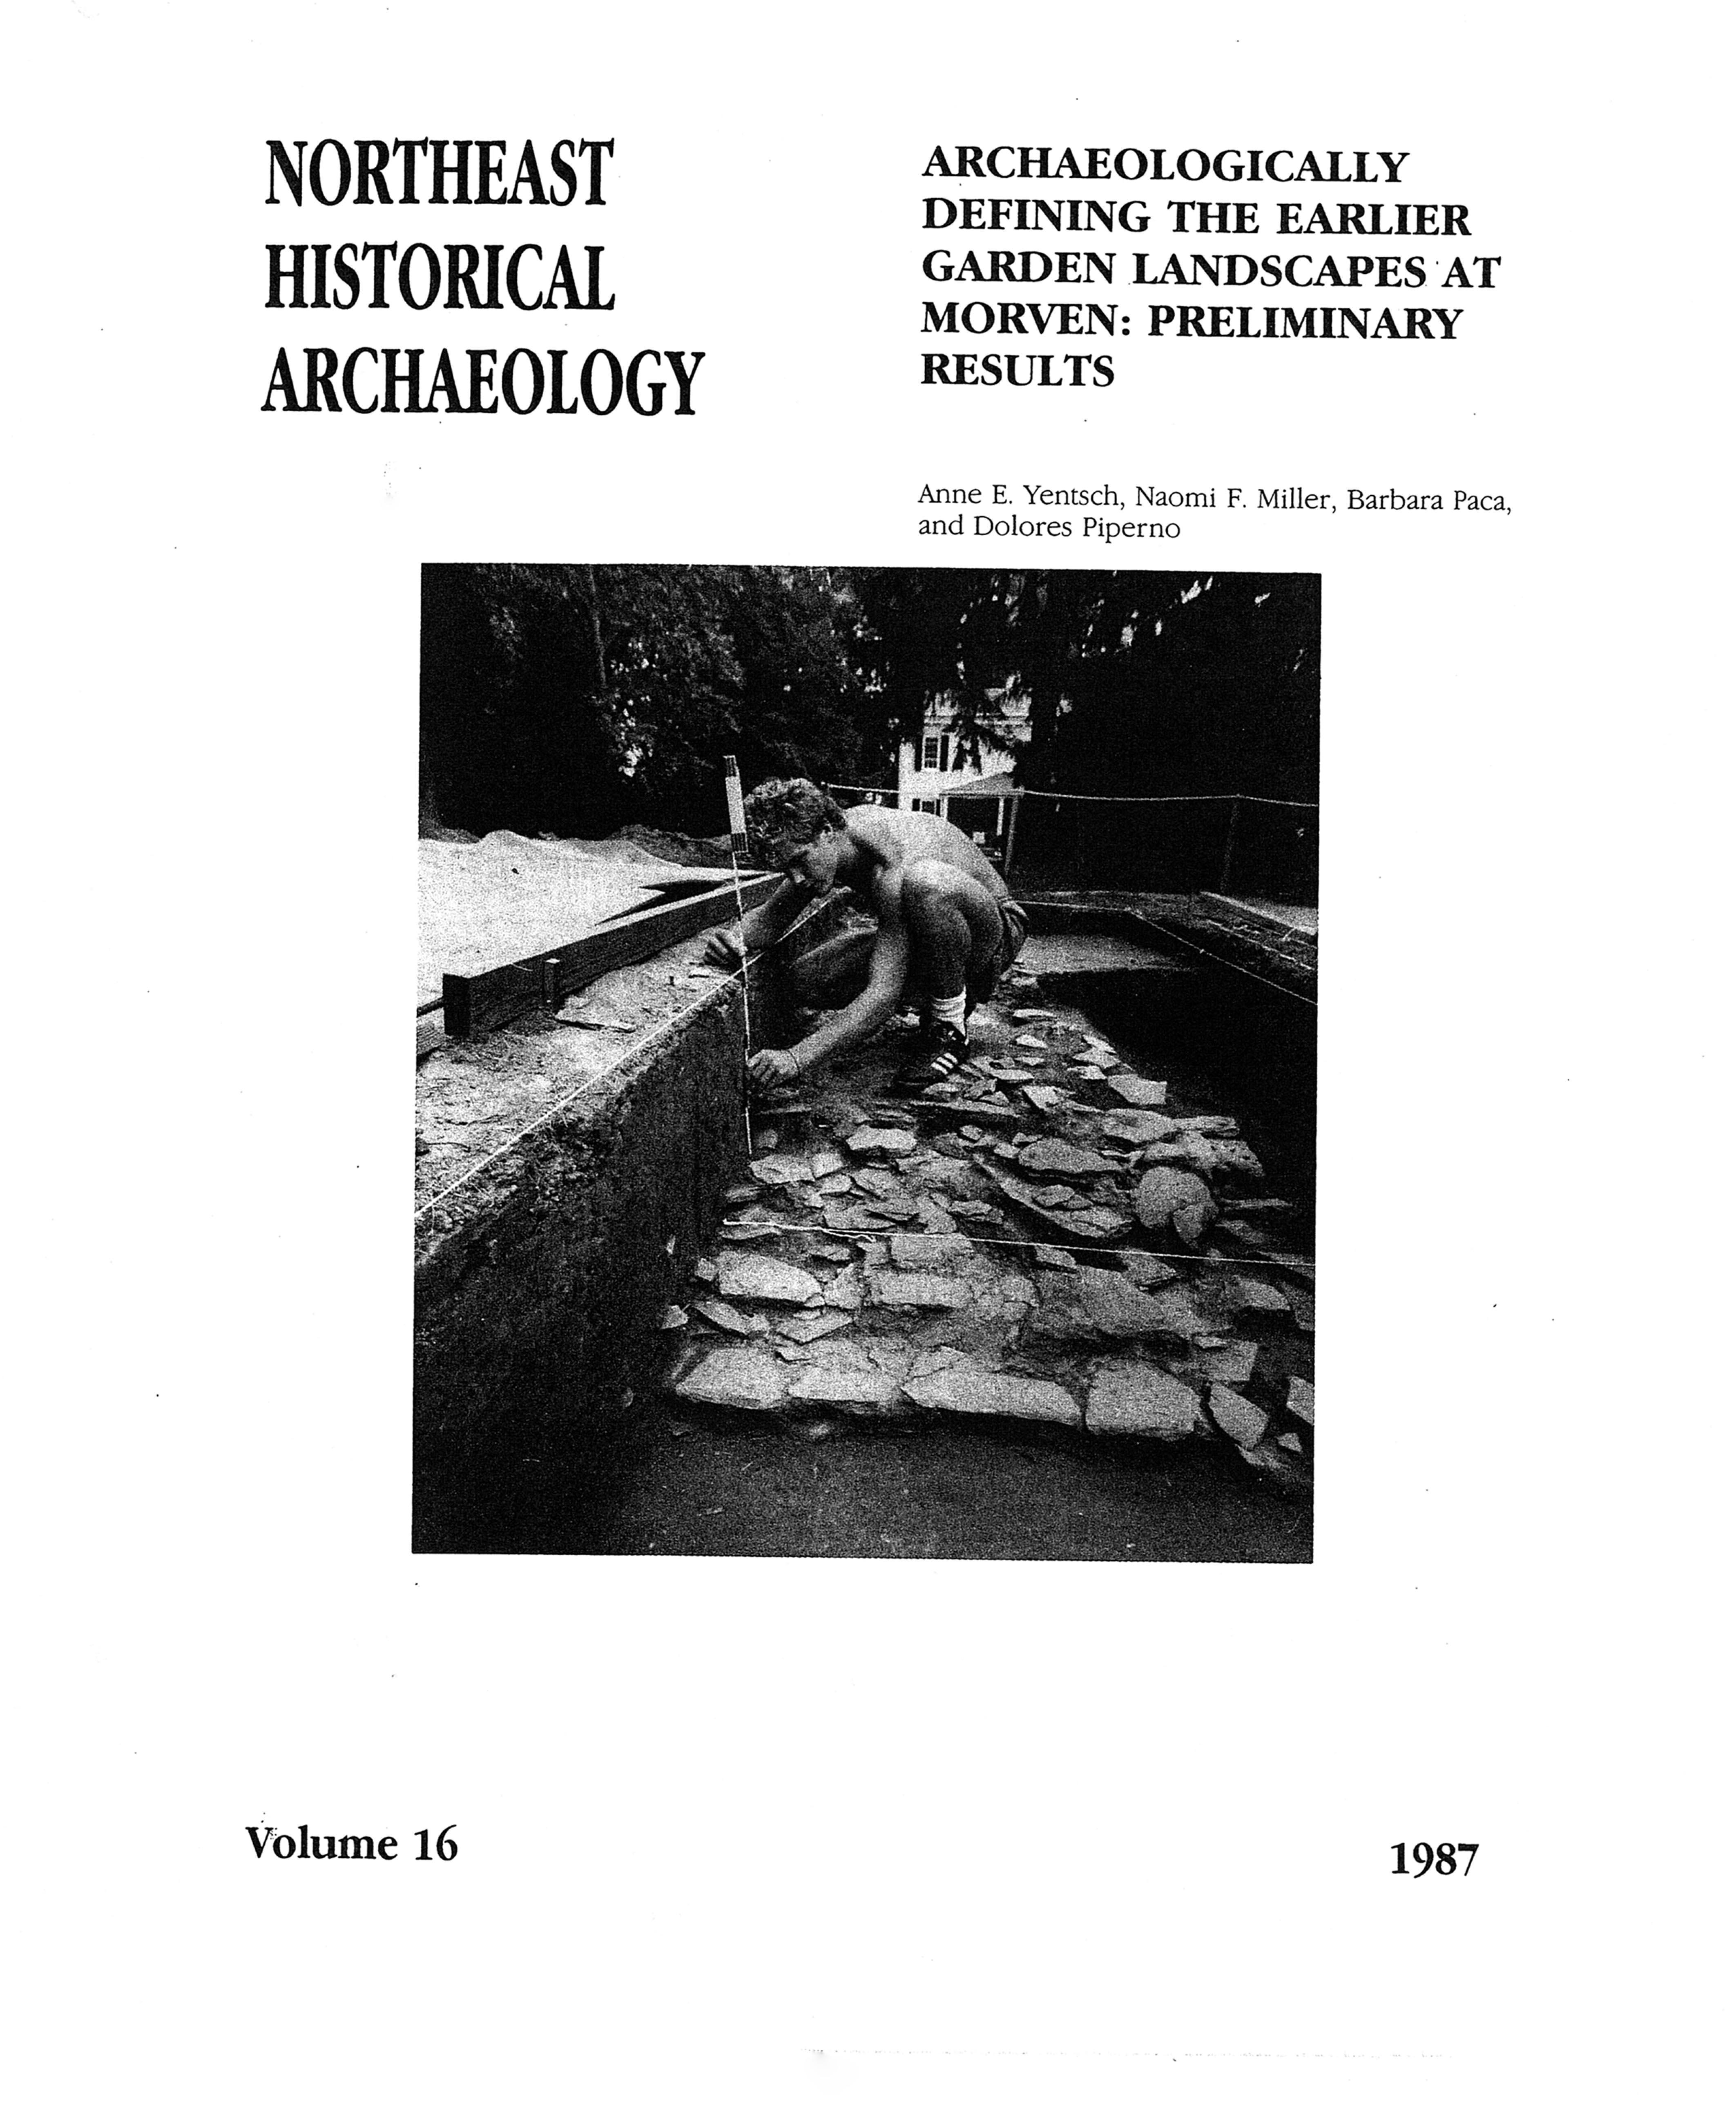 1987_morven archaeology-1